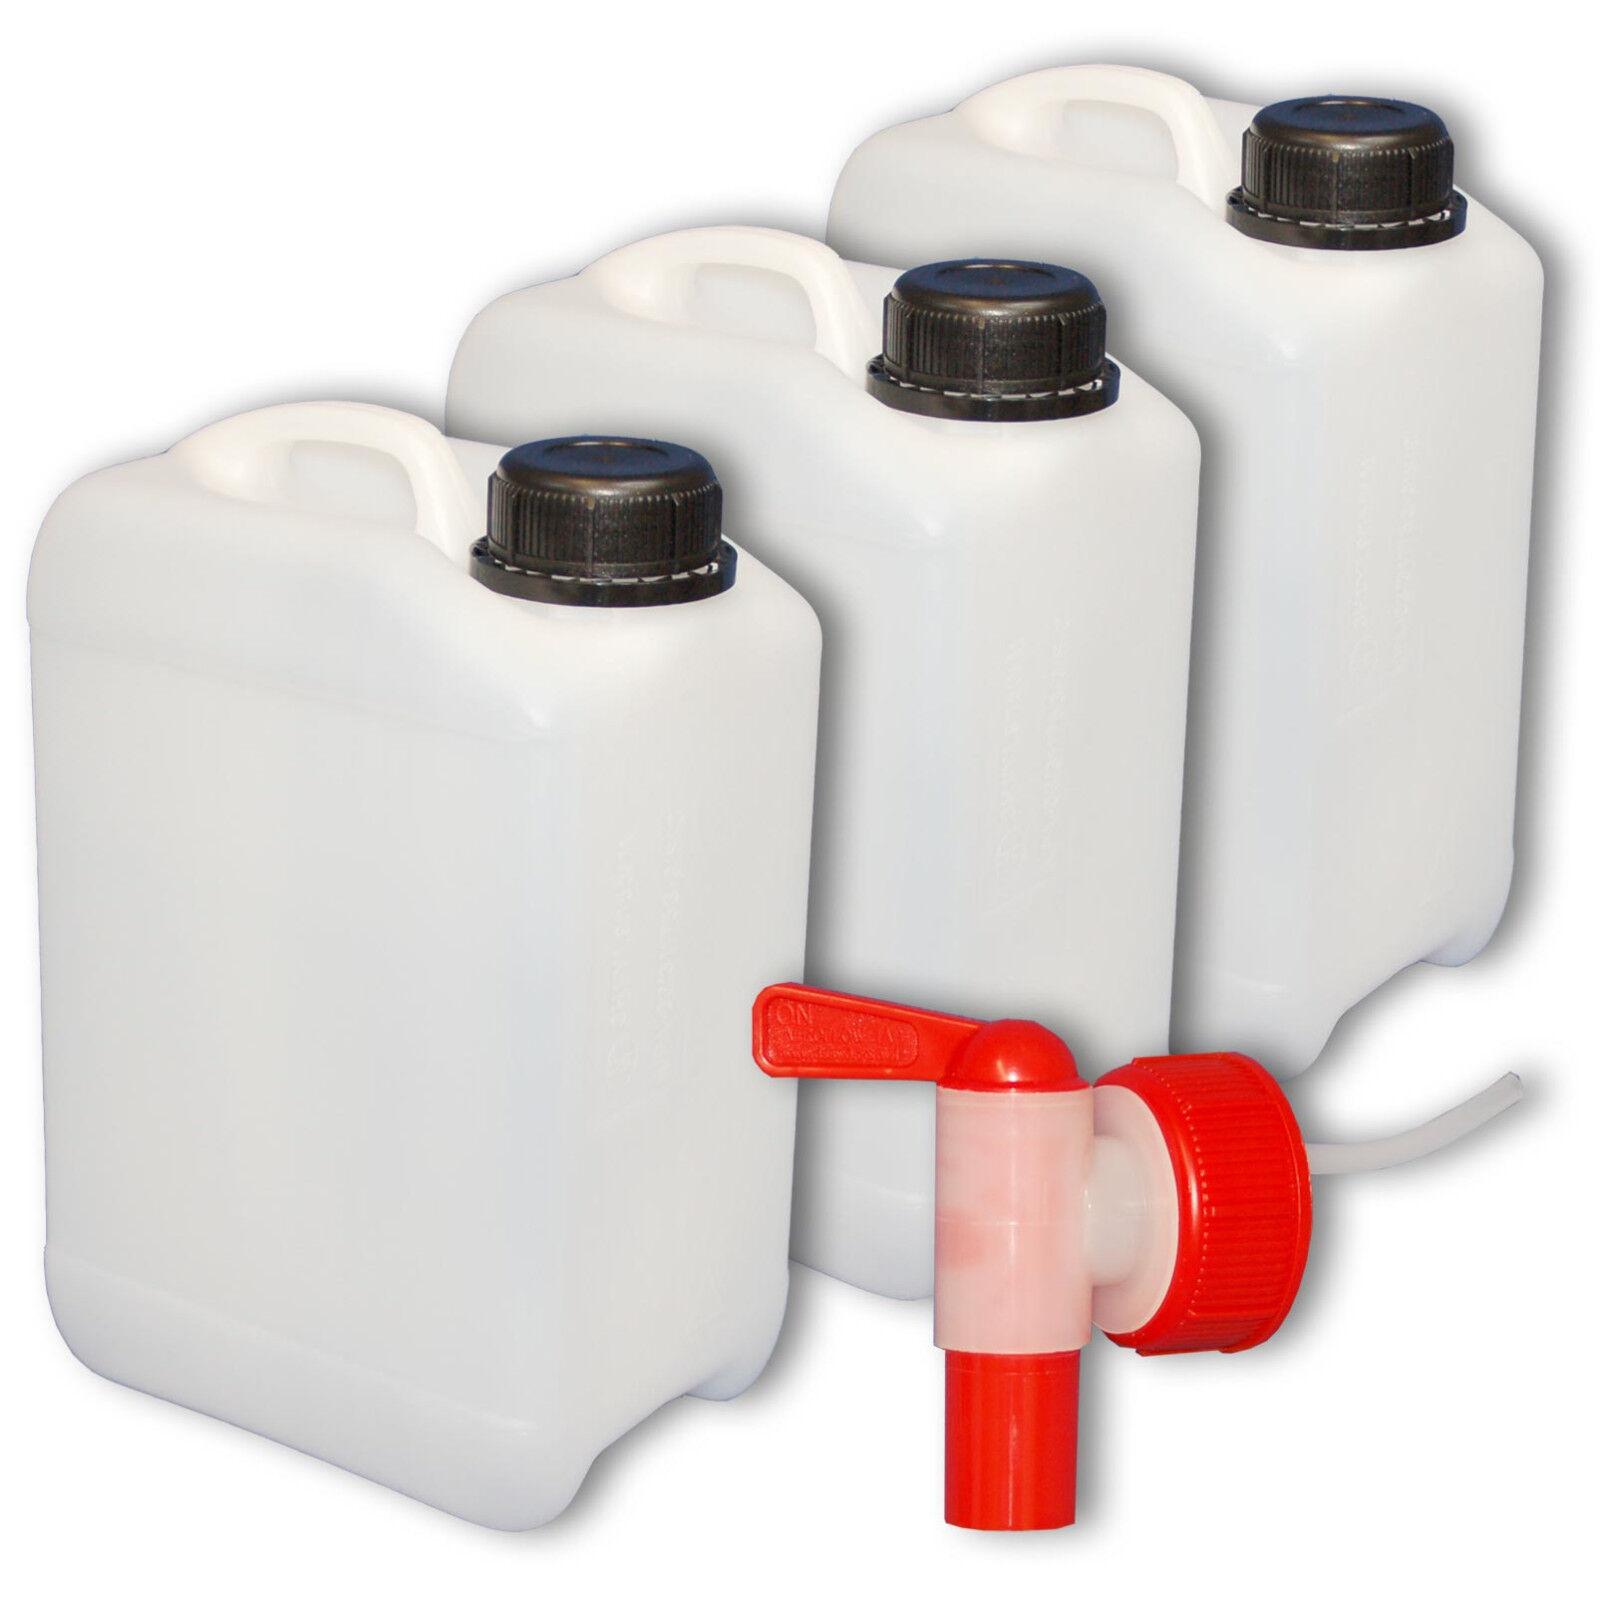 Bidon plastique 3 L - DIN45 + 1 1 1 Robinet, Fabriqué en Allemagne (22005+22039) bf2134